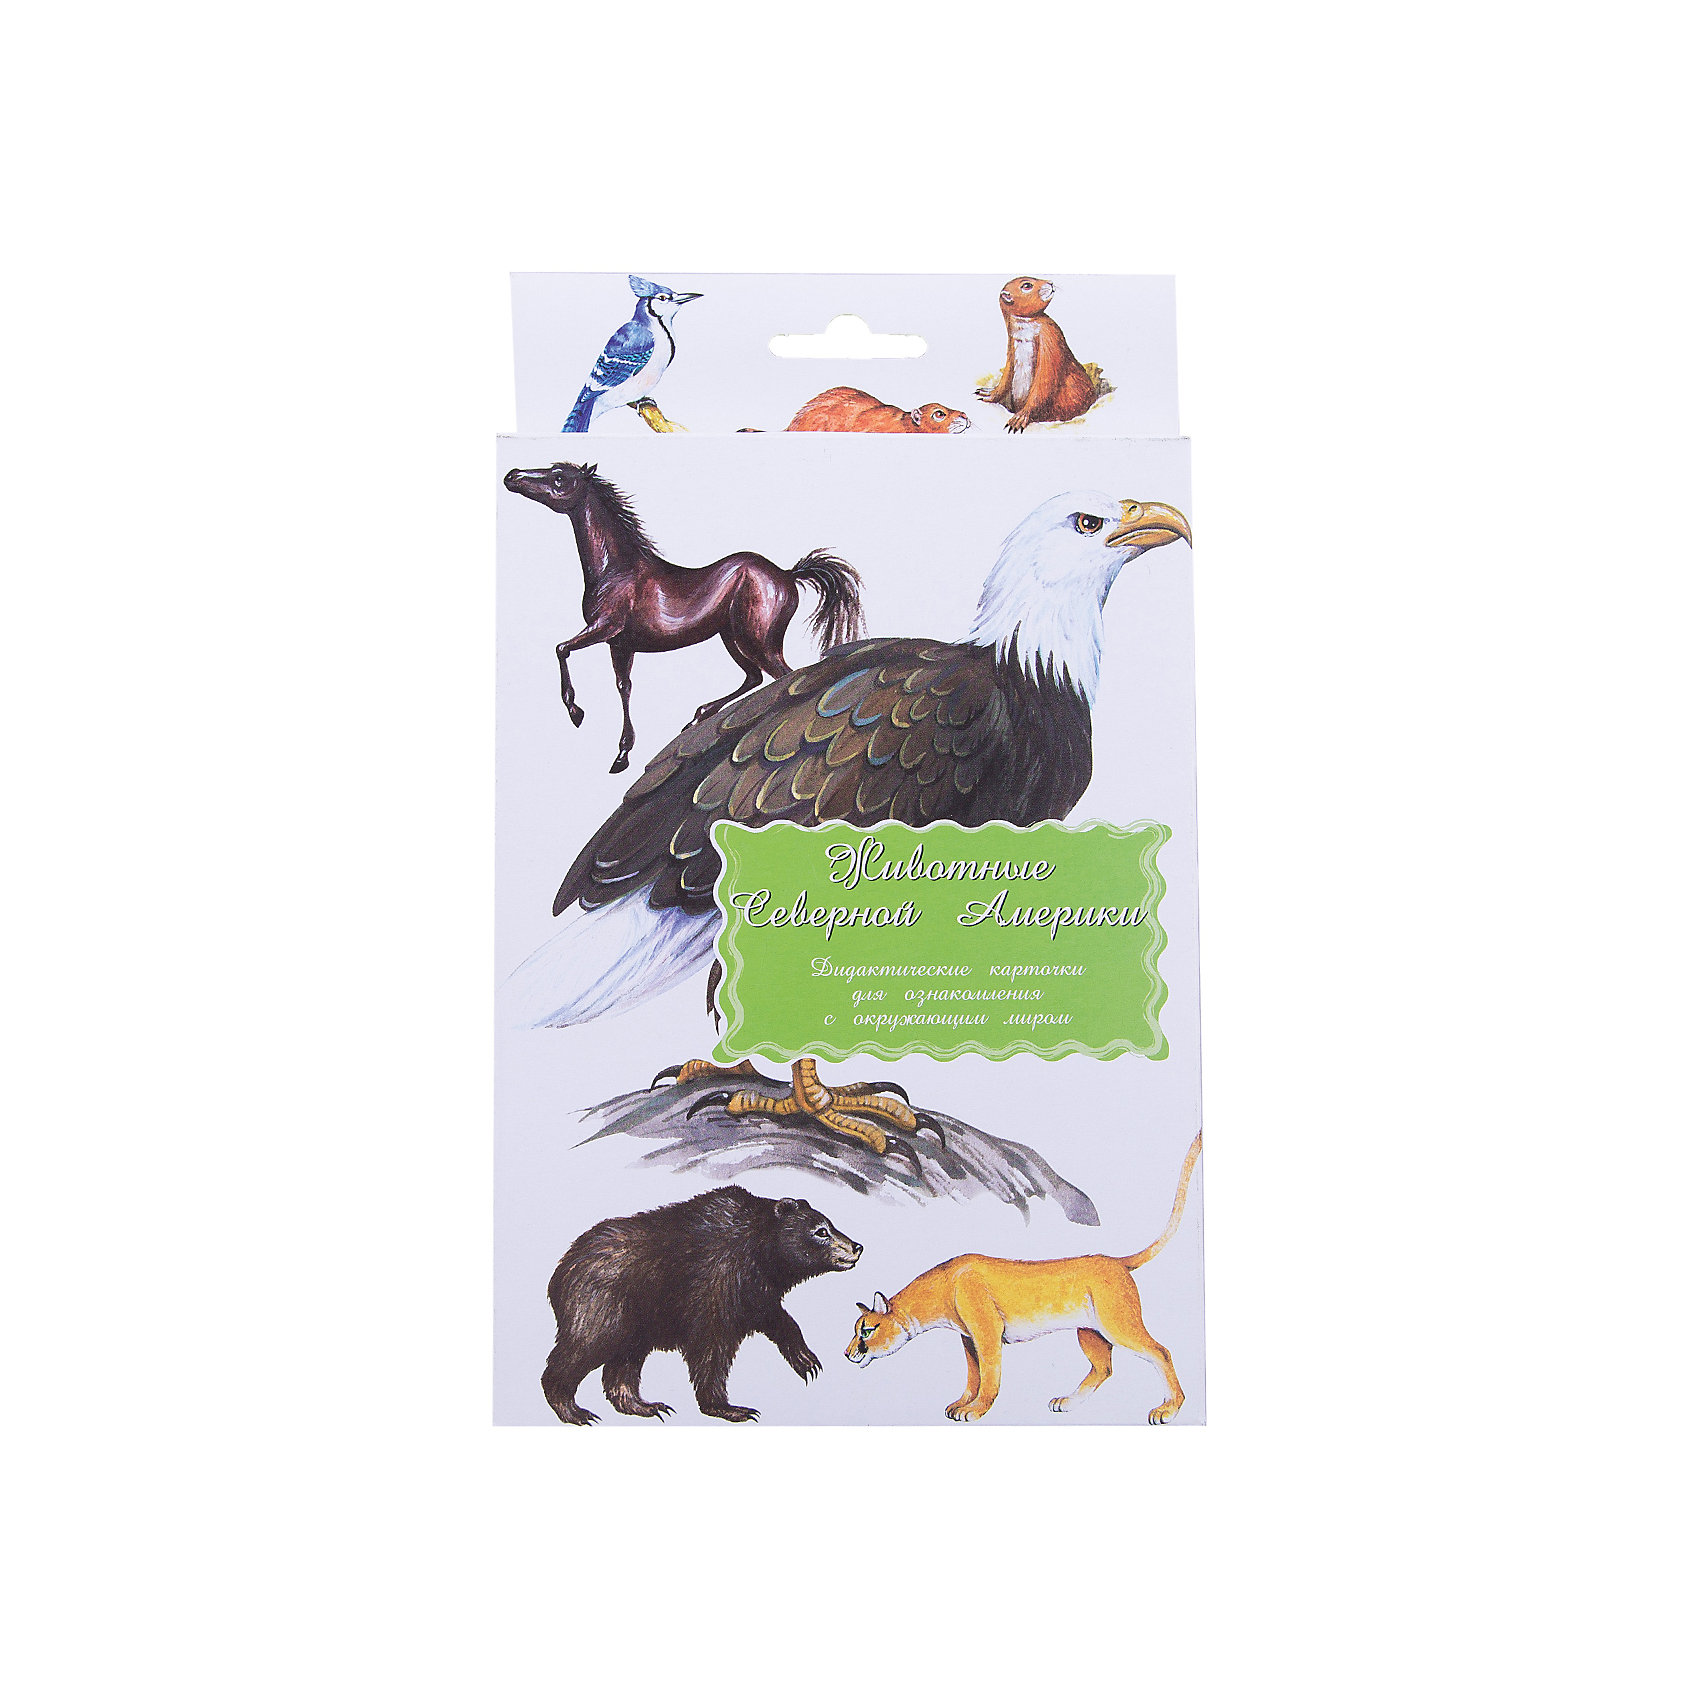 Дидактические карточки Животные Северной АмерикиТематические комплекты дидактических карточек помогут познакомить ребенка с окружающим миром, развить речевые умения, научить сравнивать, классифицировать, обобщать. Карточки рекомендуются родителям для познавательных игр с детьми и занятий  по методике Г.Домана.  Могут использоваться в индивидуальной и групповой работе логопедами, психологами, воспитателями детских садов, учителями начальных классов.  В каждом комплекте 16 карточек, каждая из которых содержит интересную познавательную информацию об изображенном на ней предмете.<br><br>Ширина мм: 150<br>Глубина мм: 90<br>Высота мм: 90<br>Вес г: 200<br>Возраст от месяцев: 36<br>Возраст до месяцев: 2147483647<br>Пол: Унисекс<br>Возраст: Детский<br>SKU: 4802971